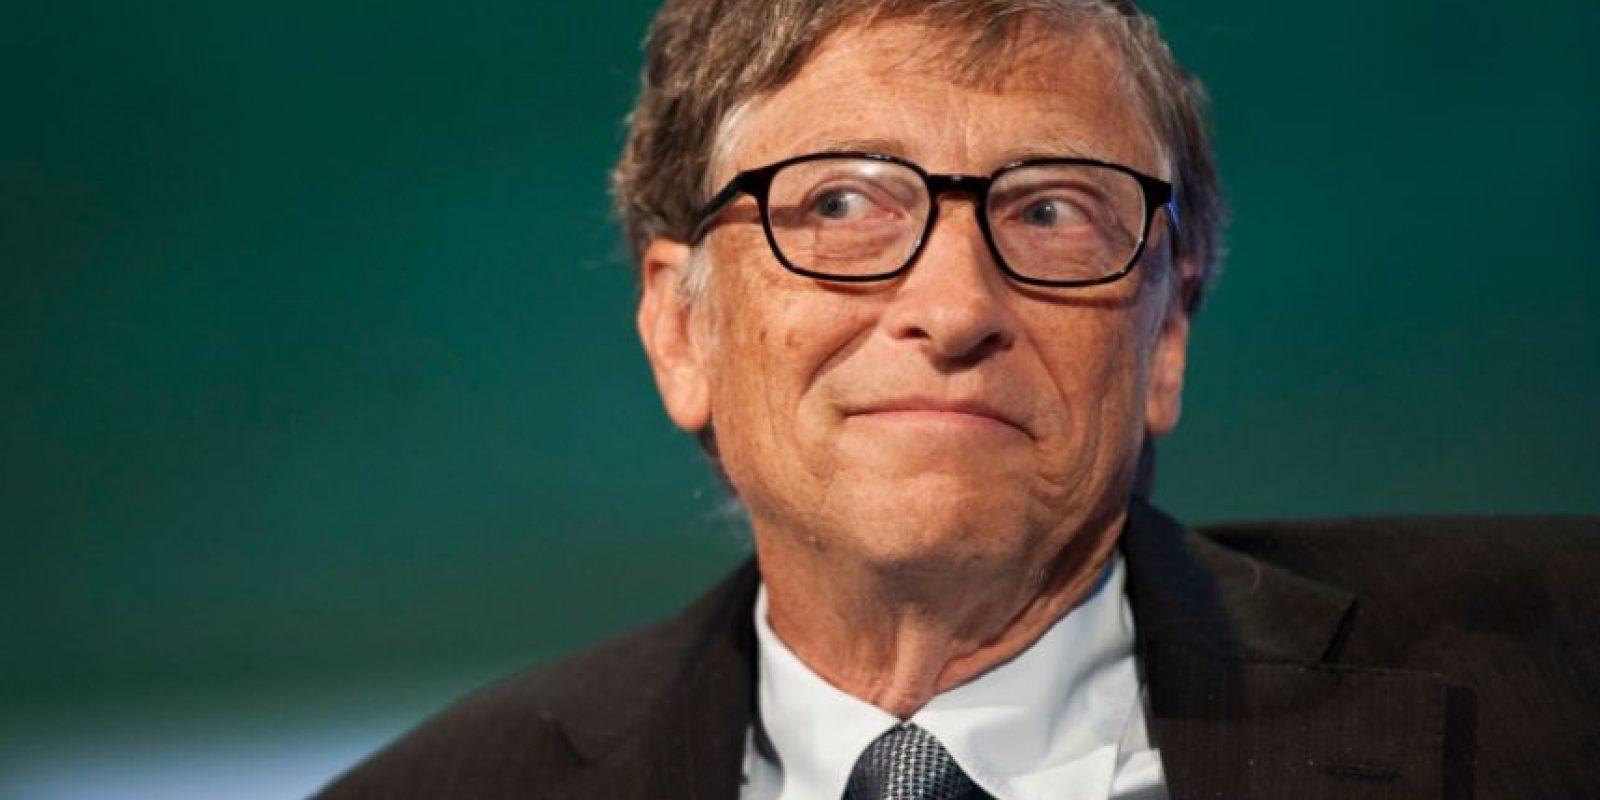 Bill Gates fue nombrado el hombre más millonario del mundo por Forbes en 2016. Foto:Twitter